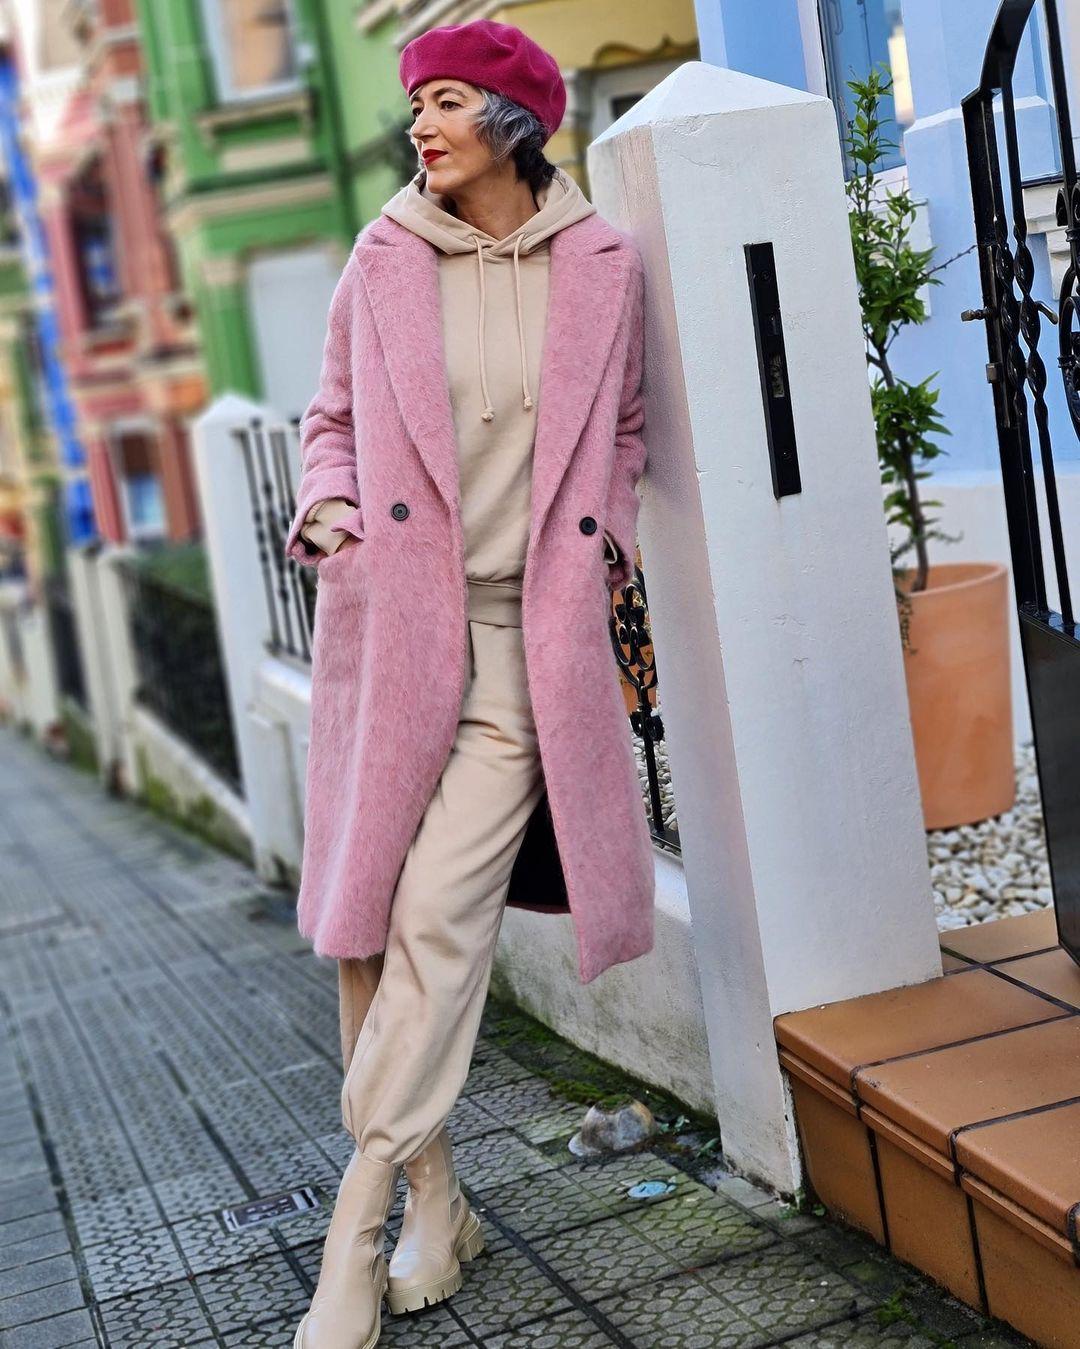 Пример, как одеваться модно женщине за 60